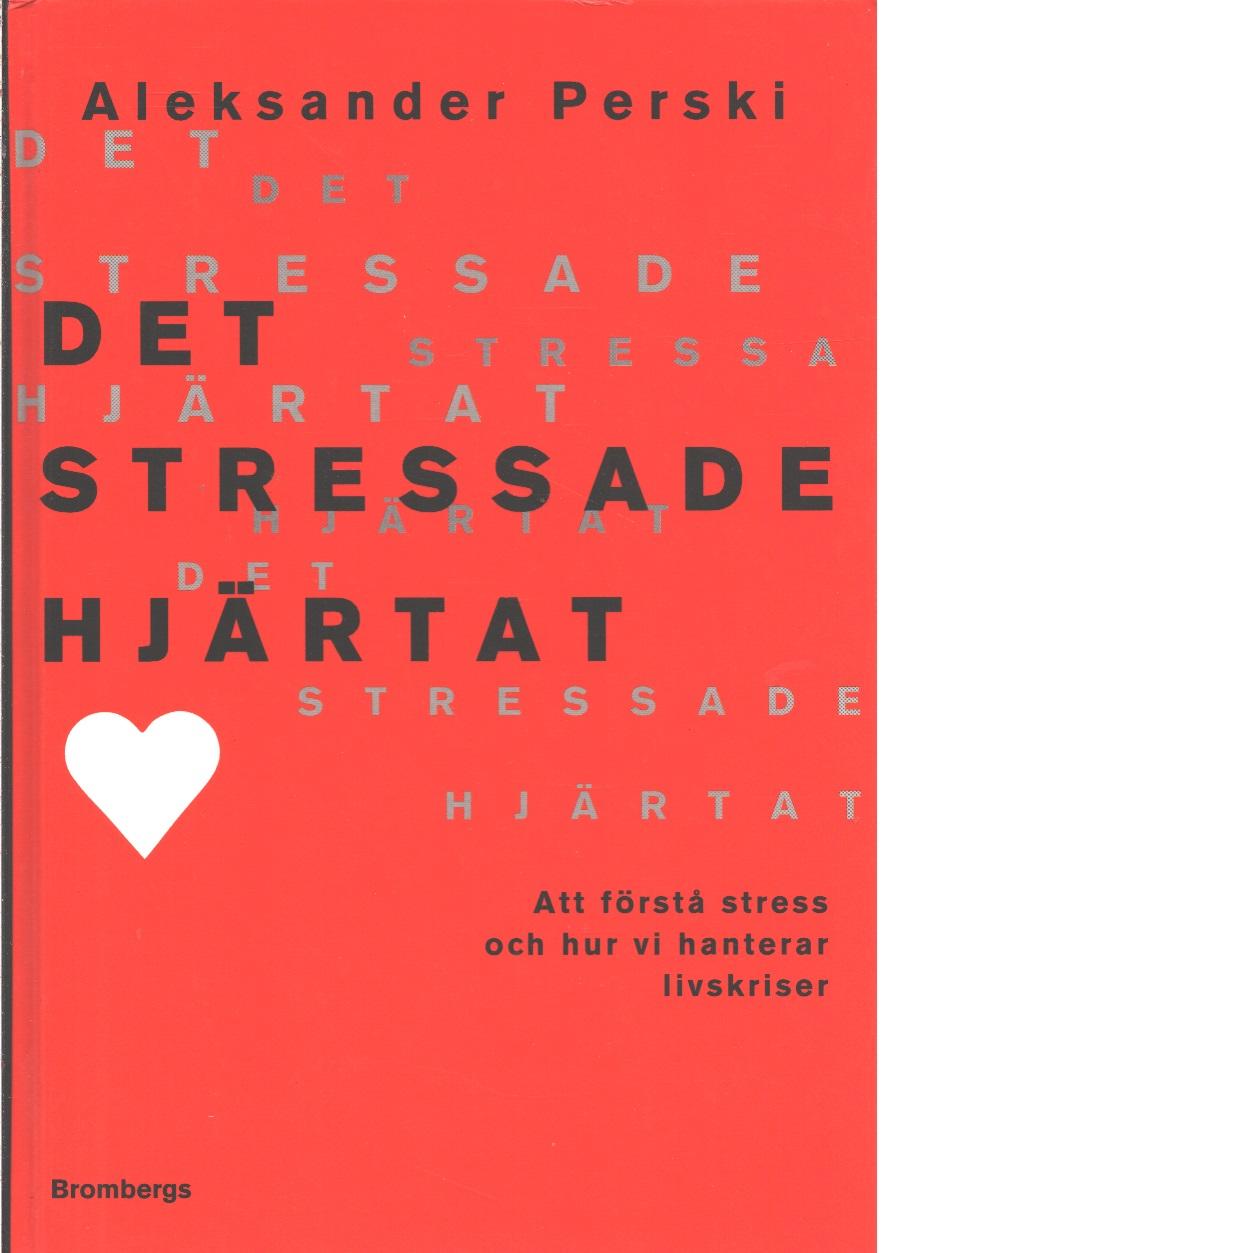 Det stressade hjärtat  - Perski, Aleksander